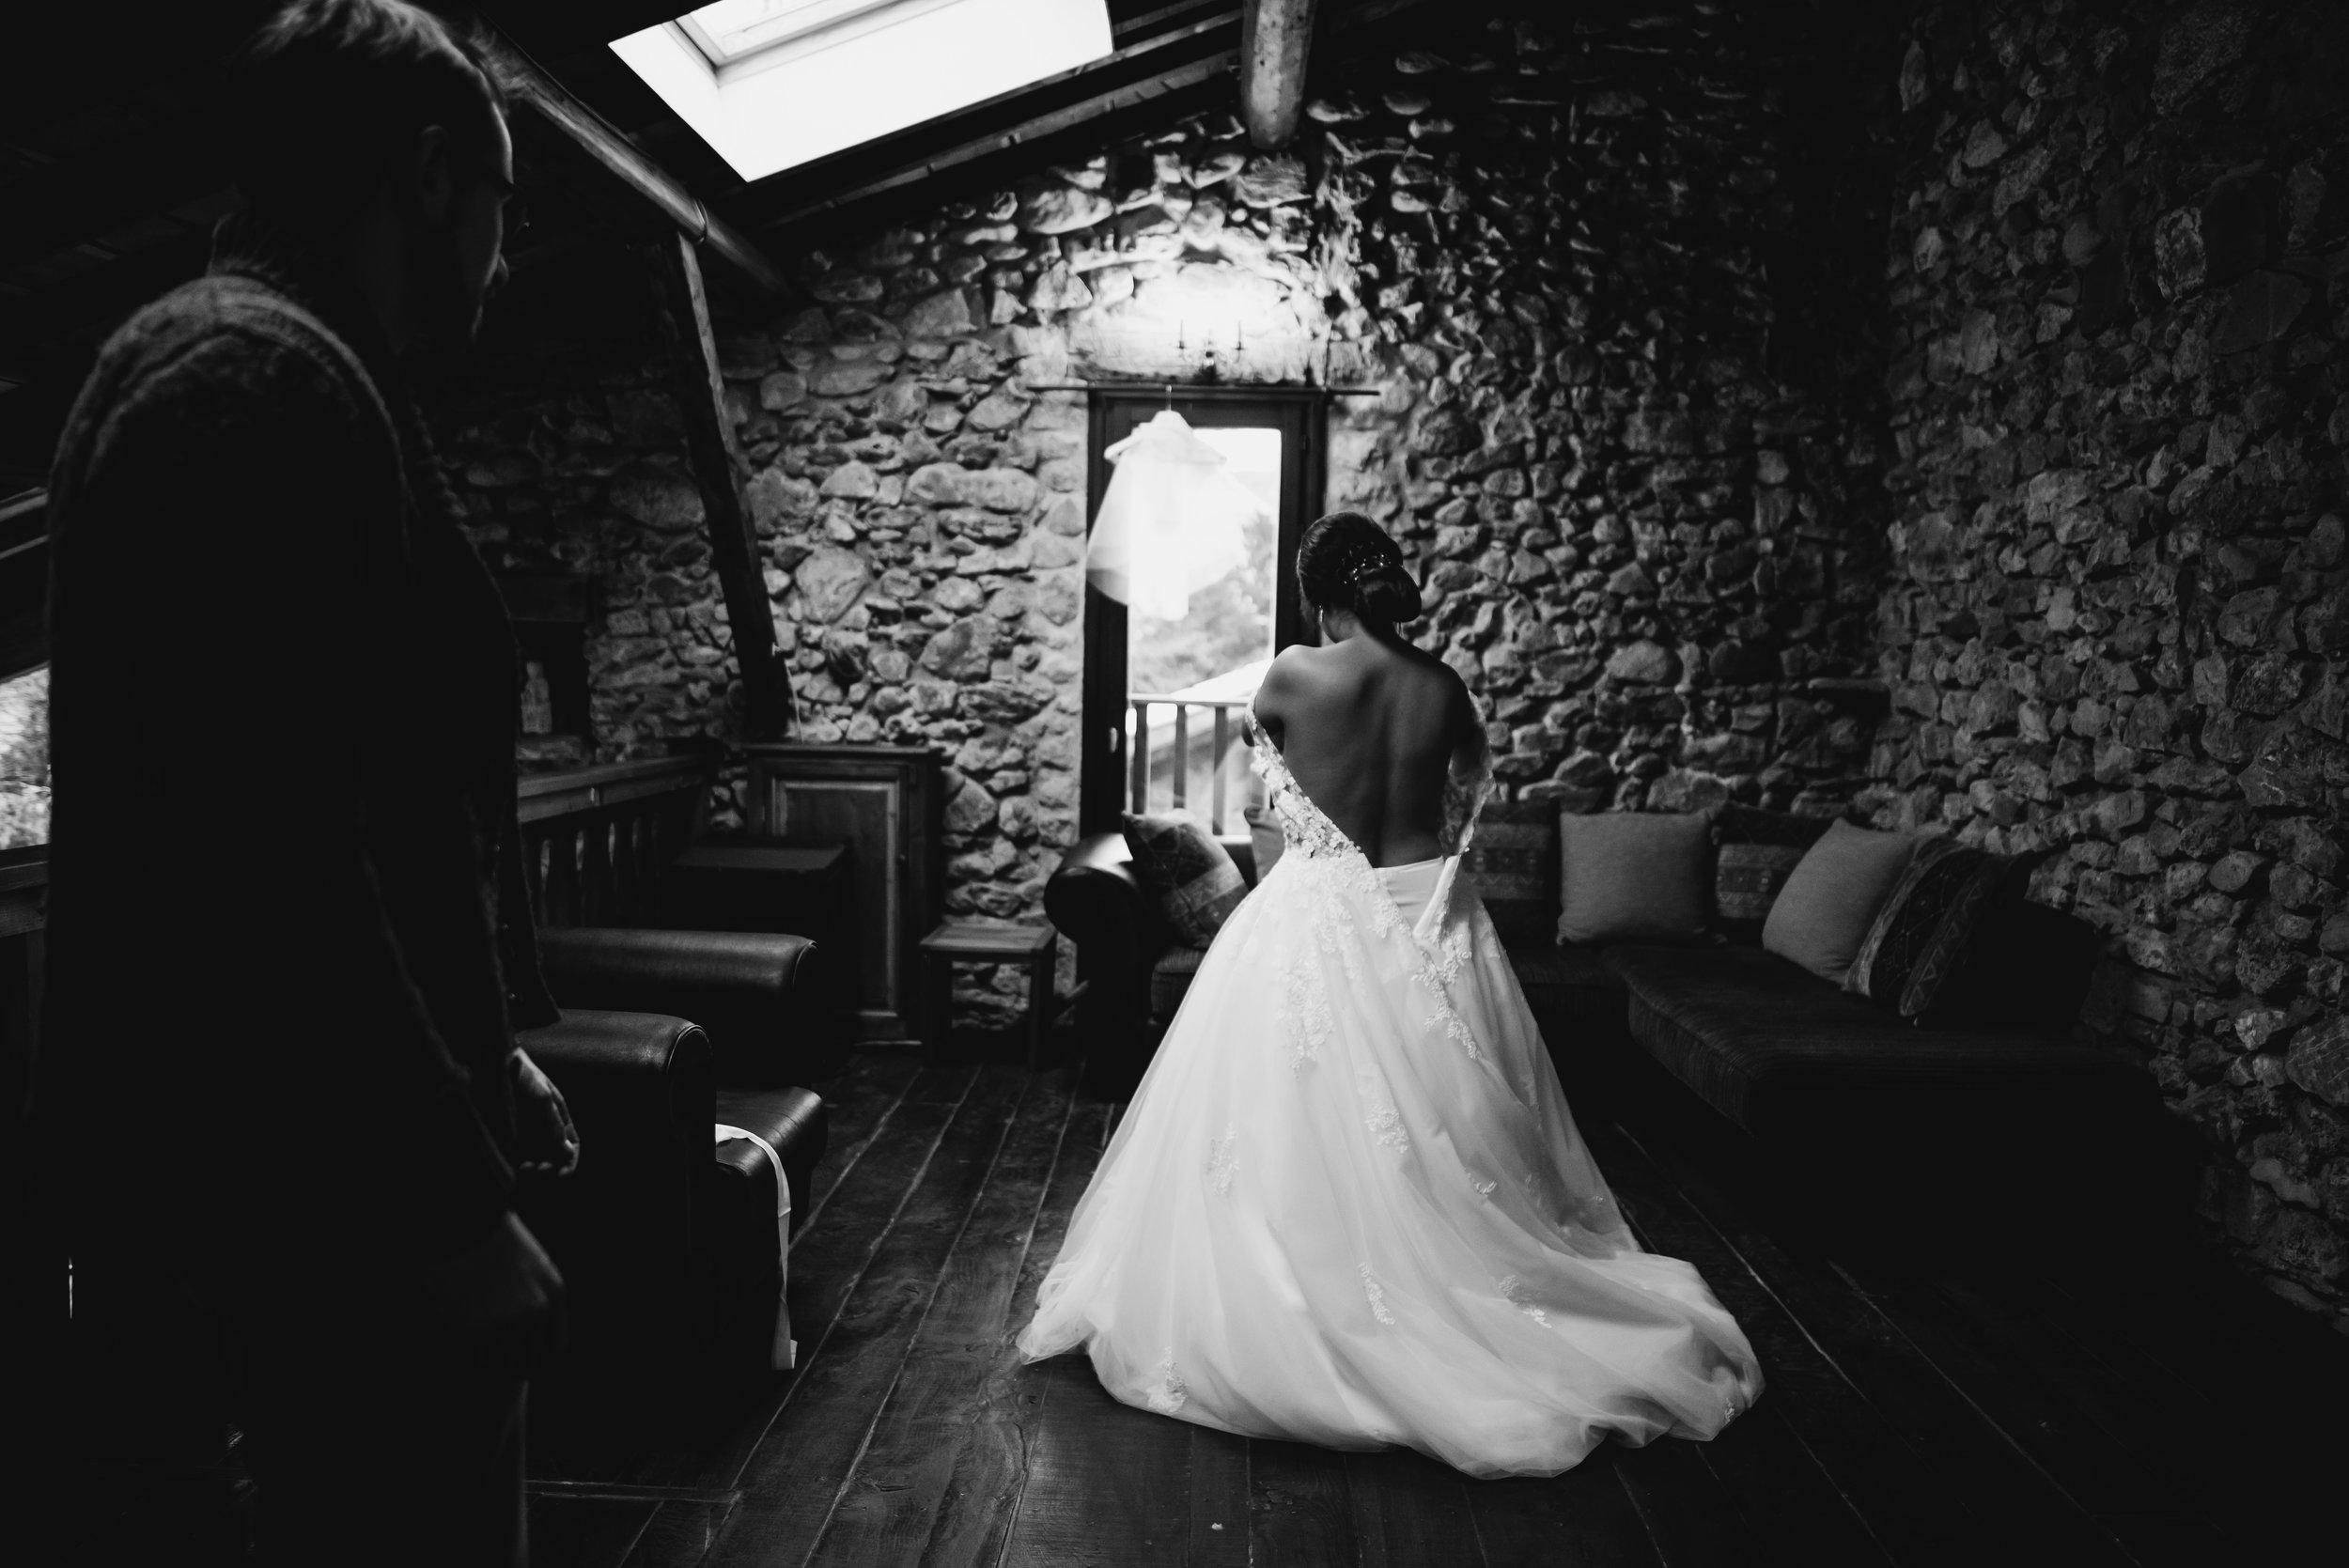 Léa-Fery-photographe-professionnel-lyon-rhone-alpes-portrait-creation-mariage-evenement-evenementiel-famille-2-27.jpg